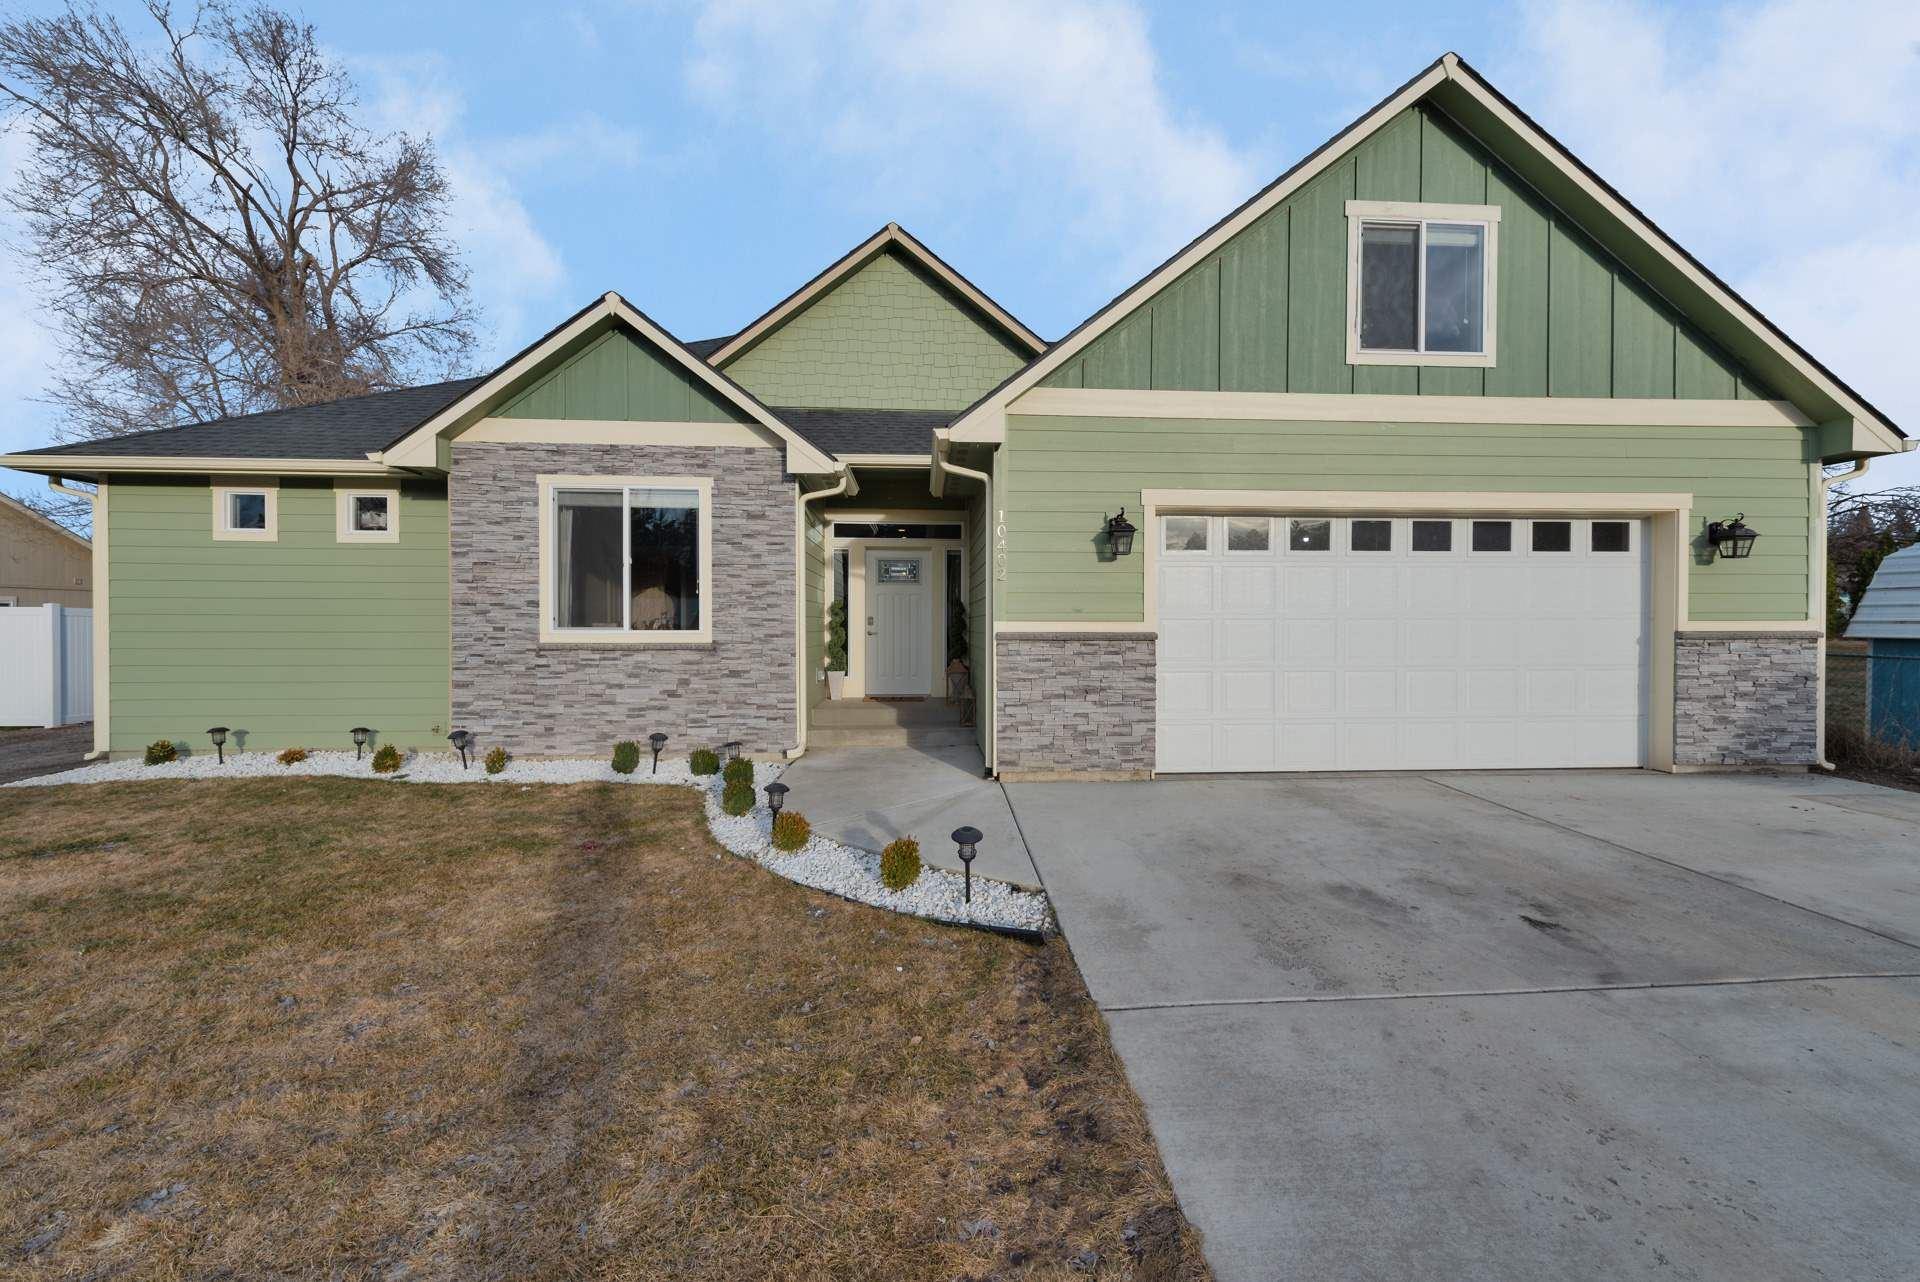 10402 E 4TH Ave, Spokane Valley, WA 99206 - #: 202112240